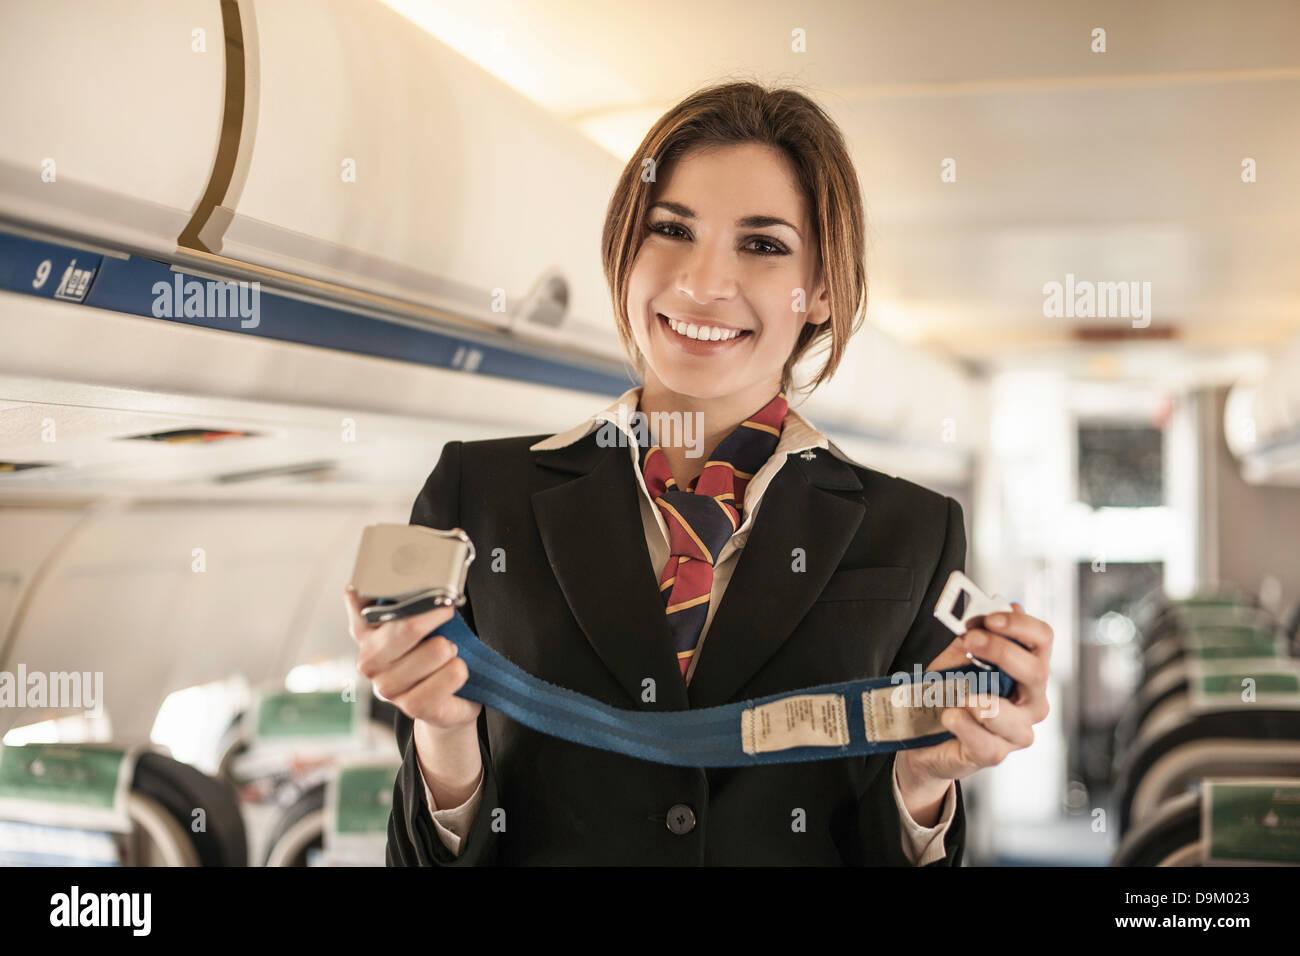 Luft Stewardess Sicherheit Demonstration am Flugzeug durchführen Stockbild